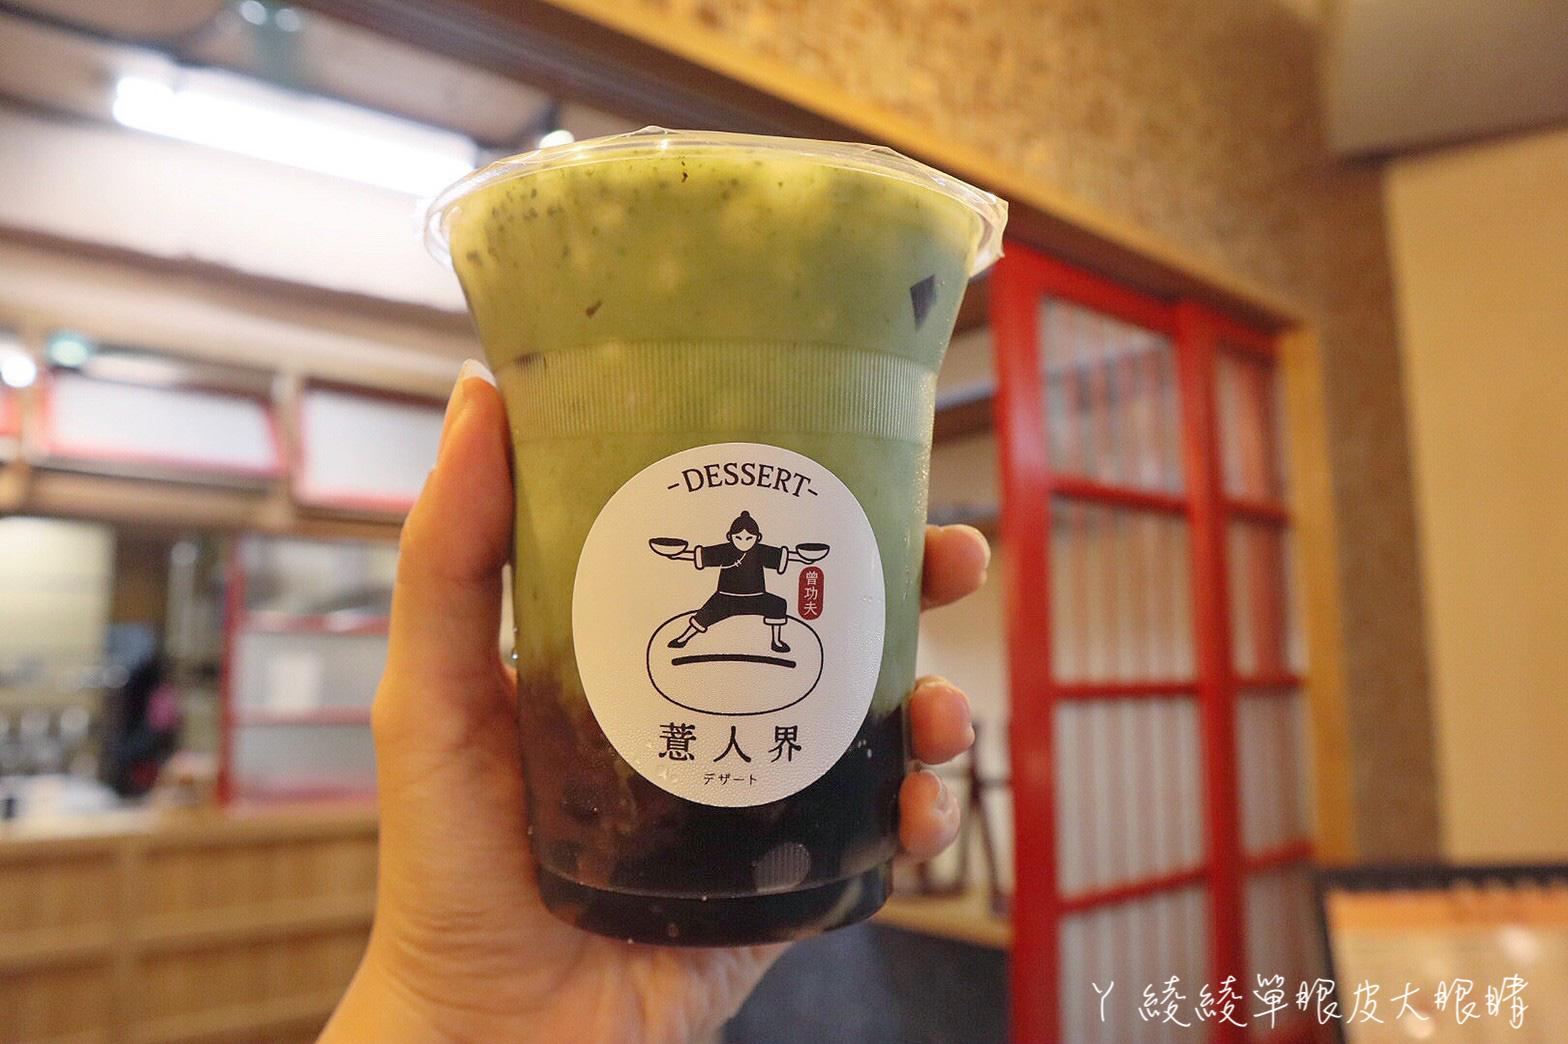 料多到要用湯匙挖!每日純手工熬煮!新竹城隍廟新開幕下午茶甜品,復古懷舊風超好拍